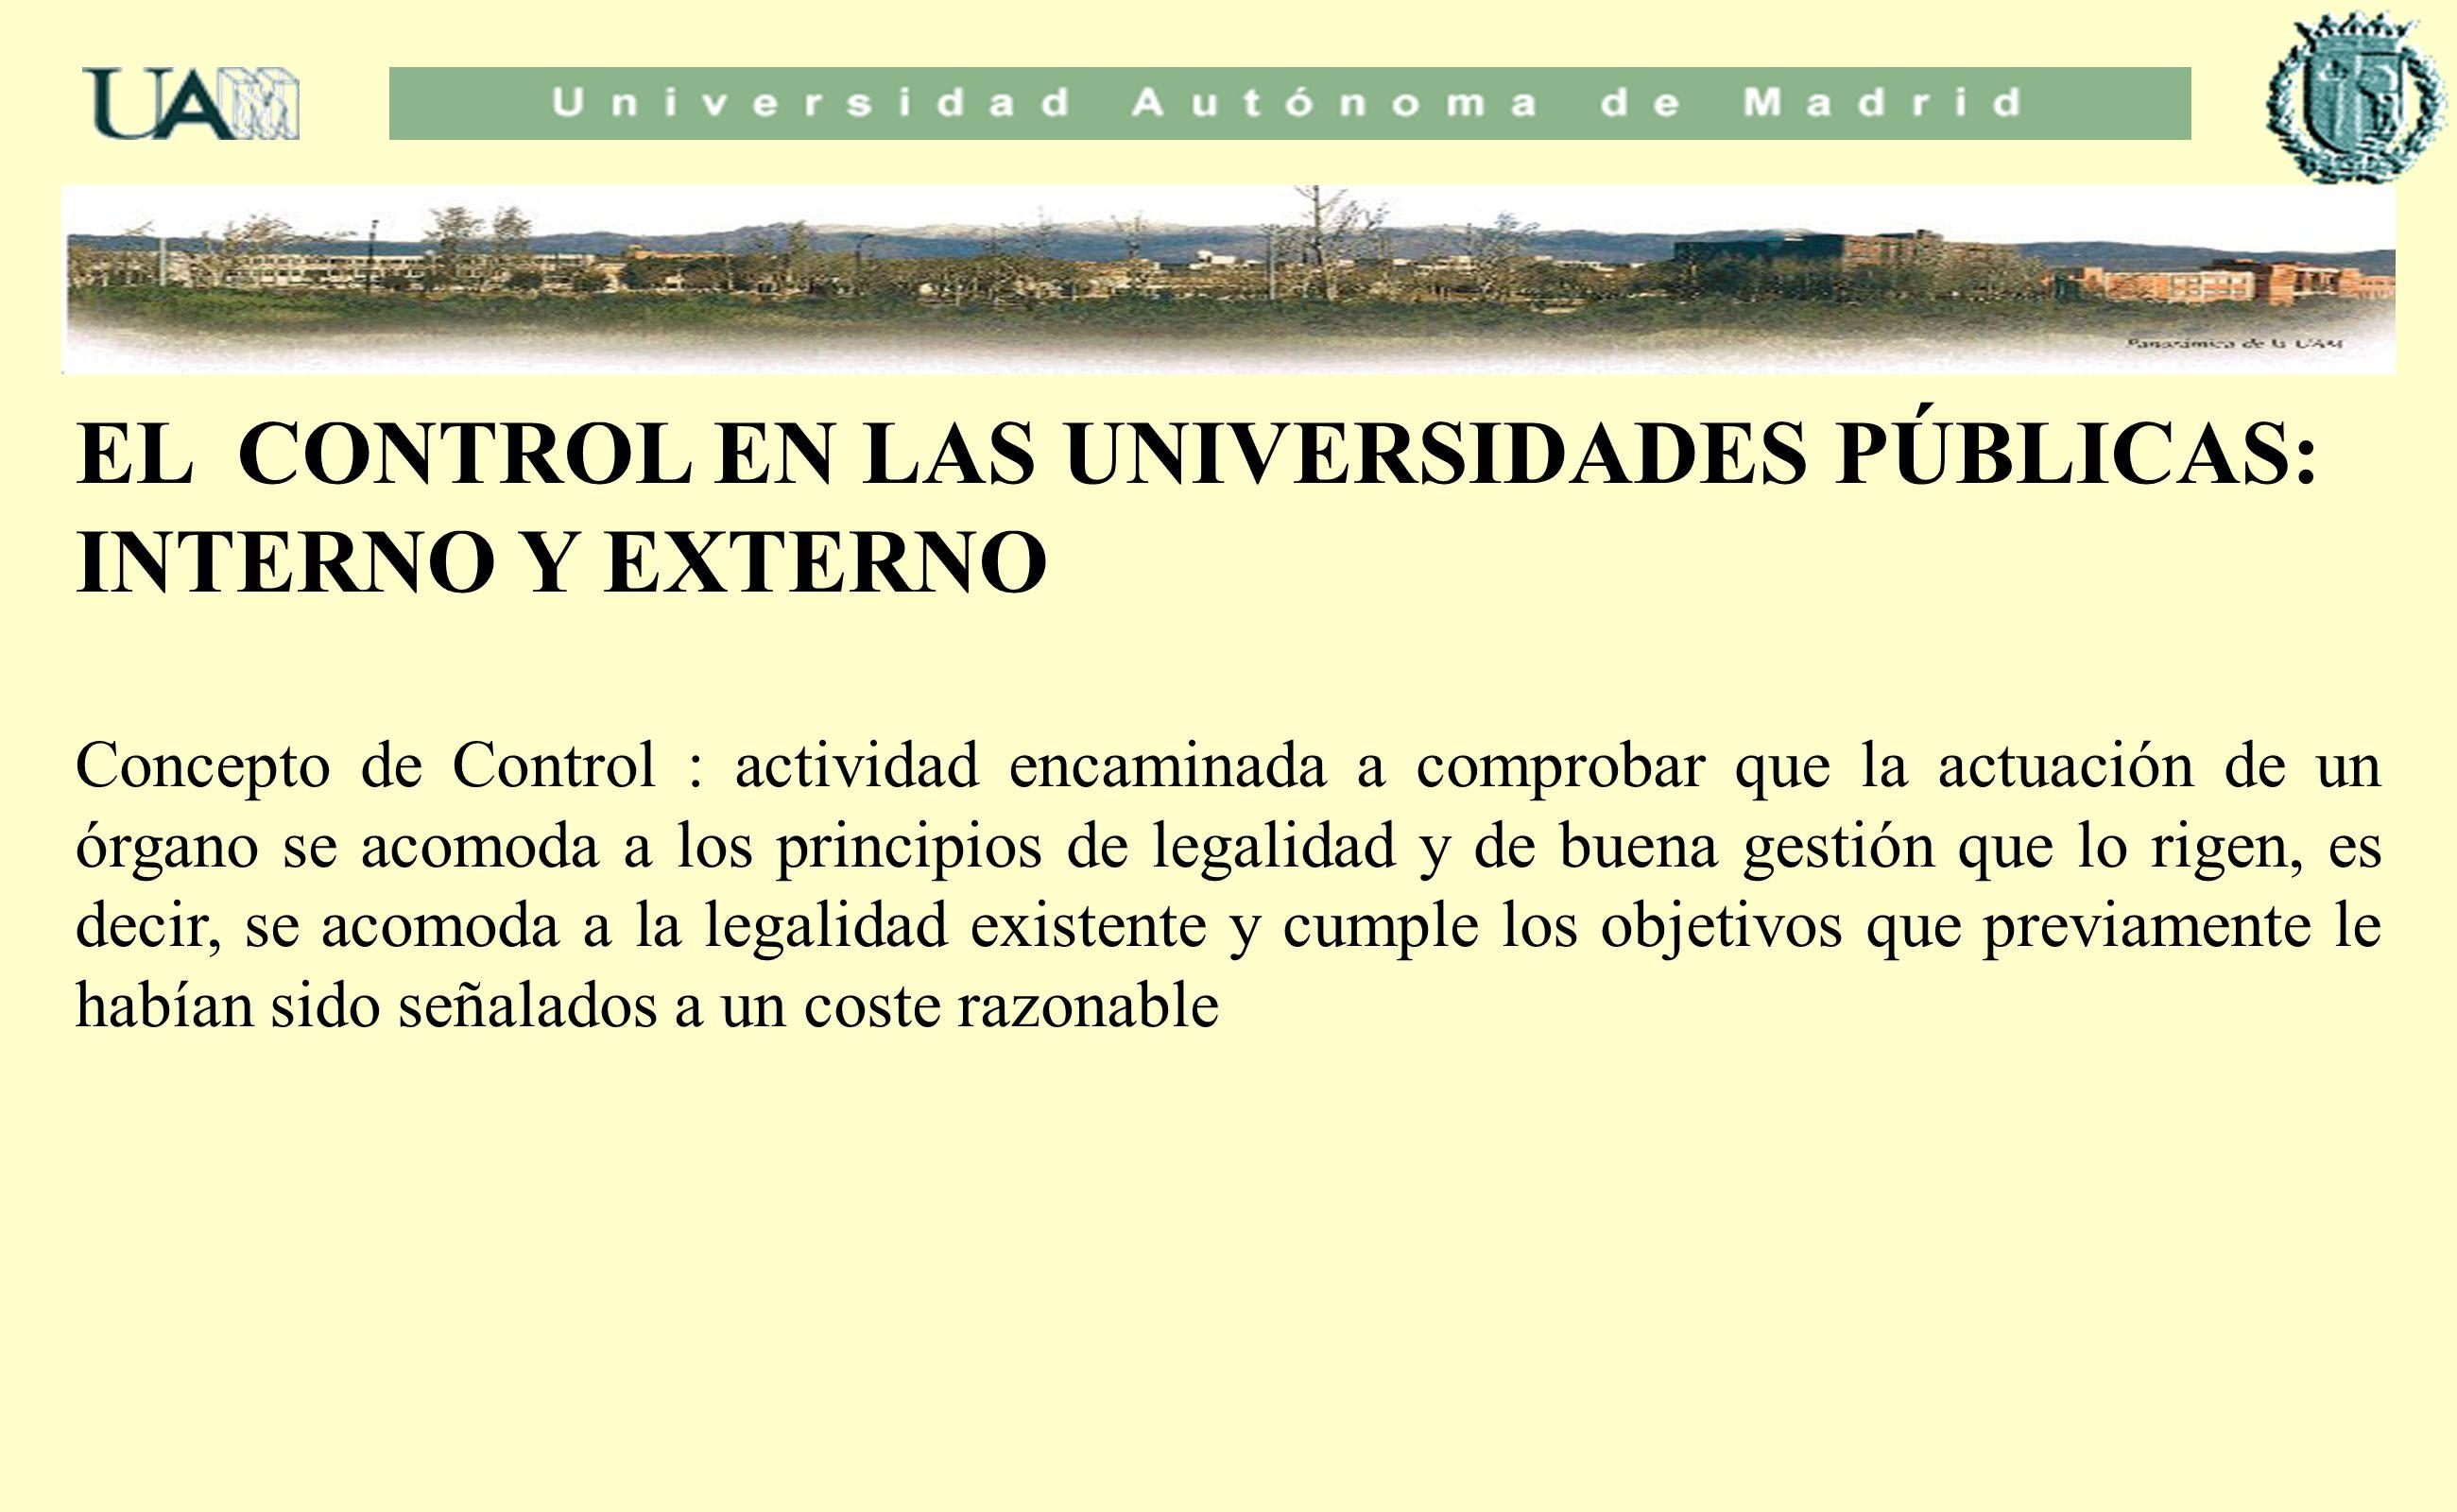 EL CONTROL EN LAS UNIVERSIDADES PÚBLICAS: INTERNO Y EXTERNO